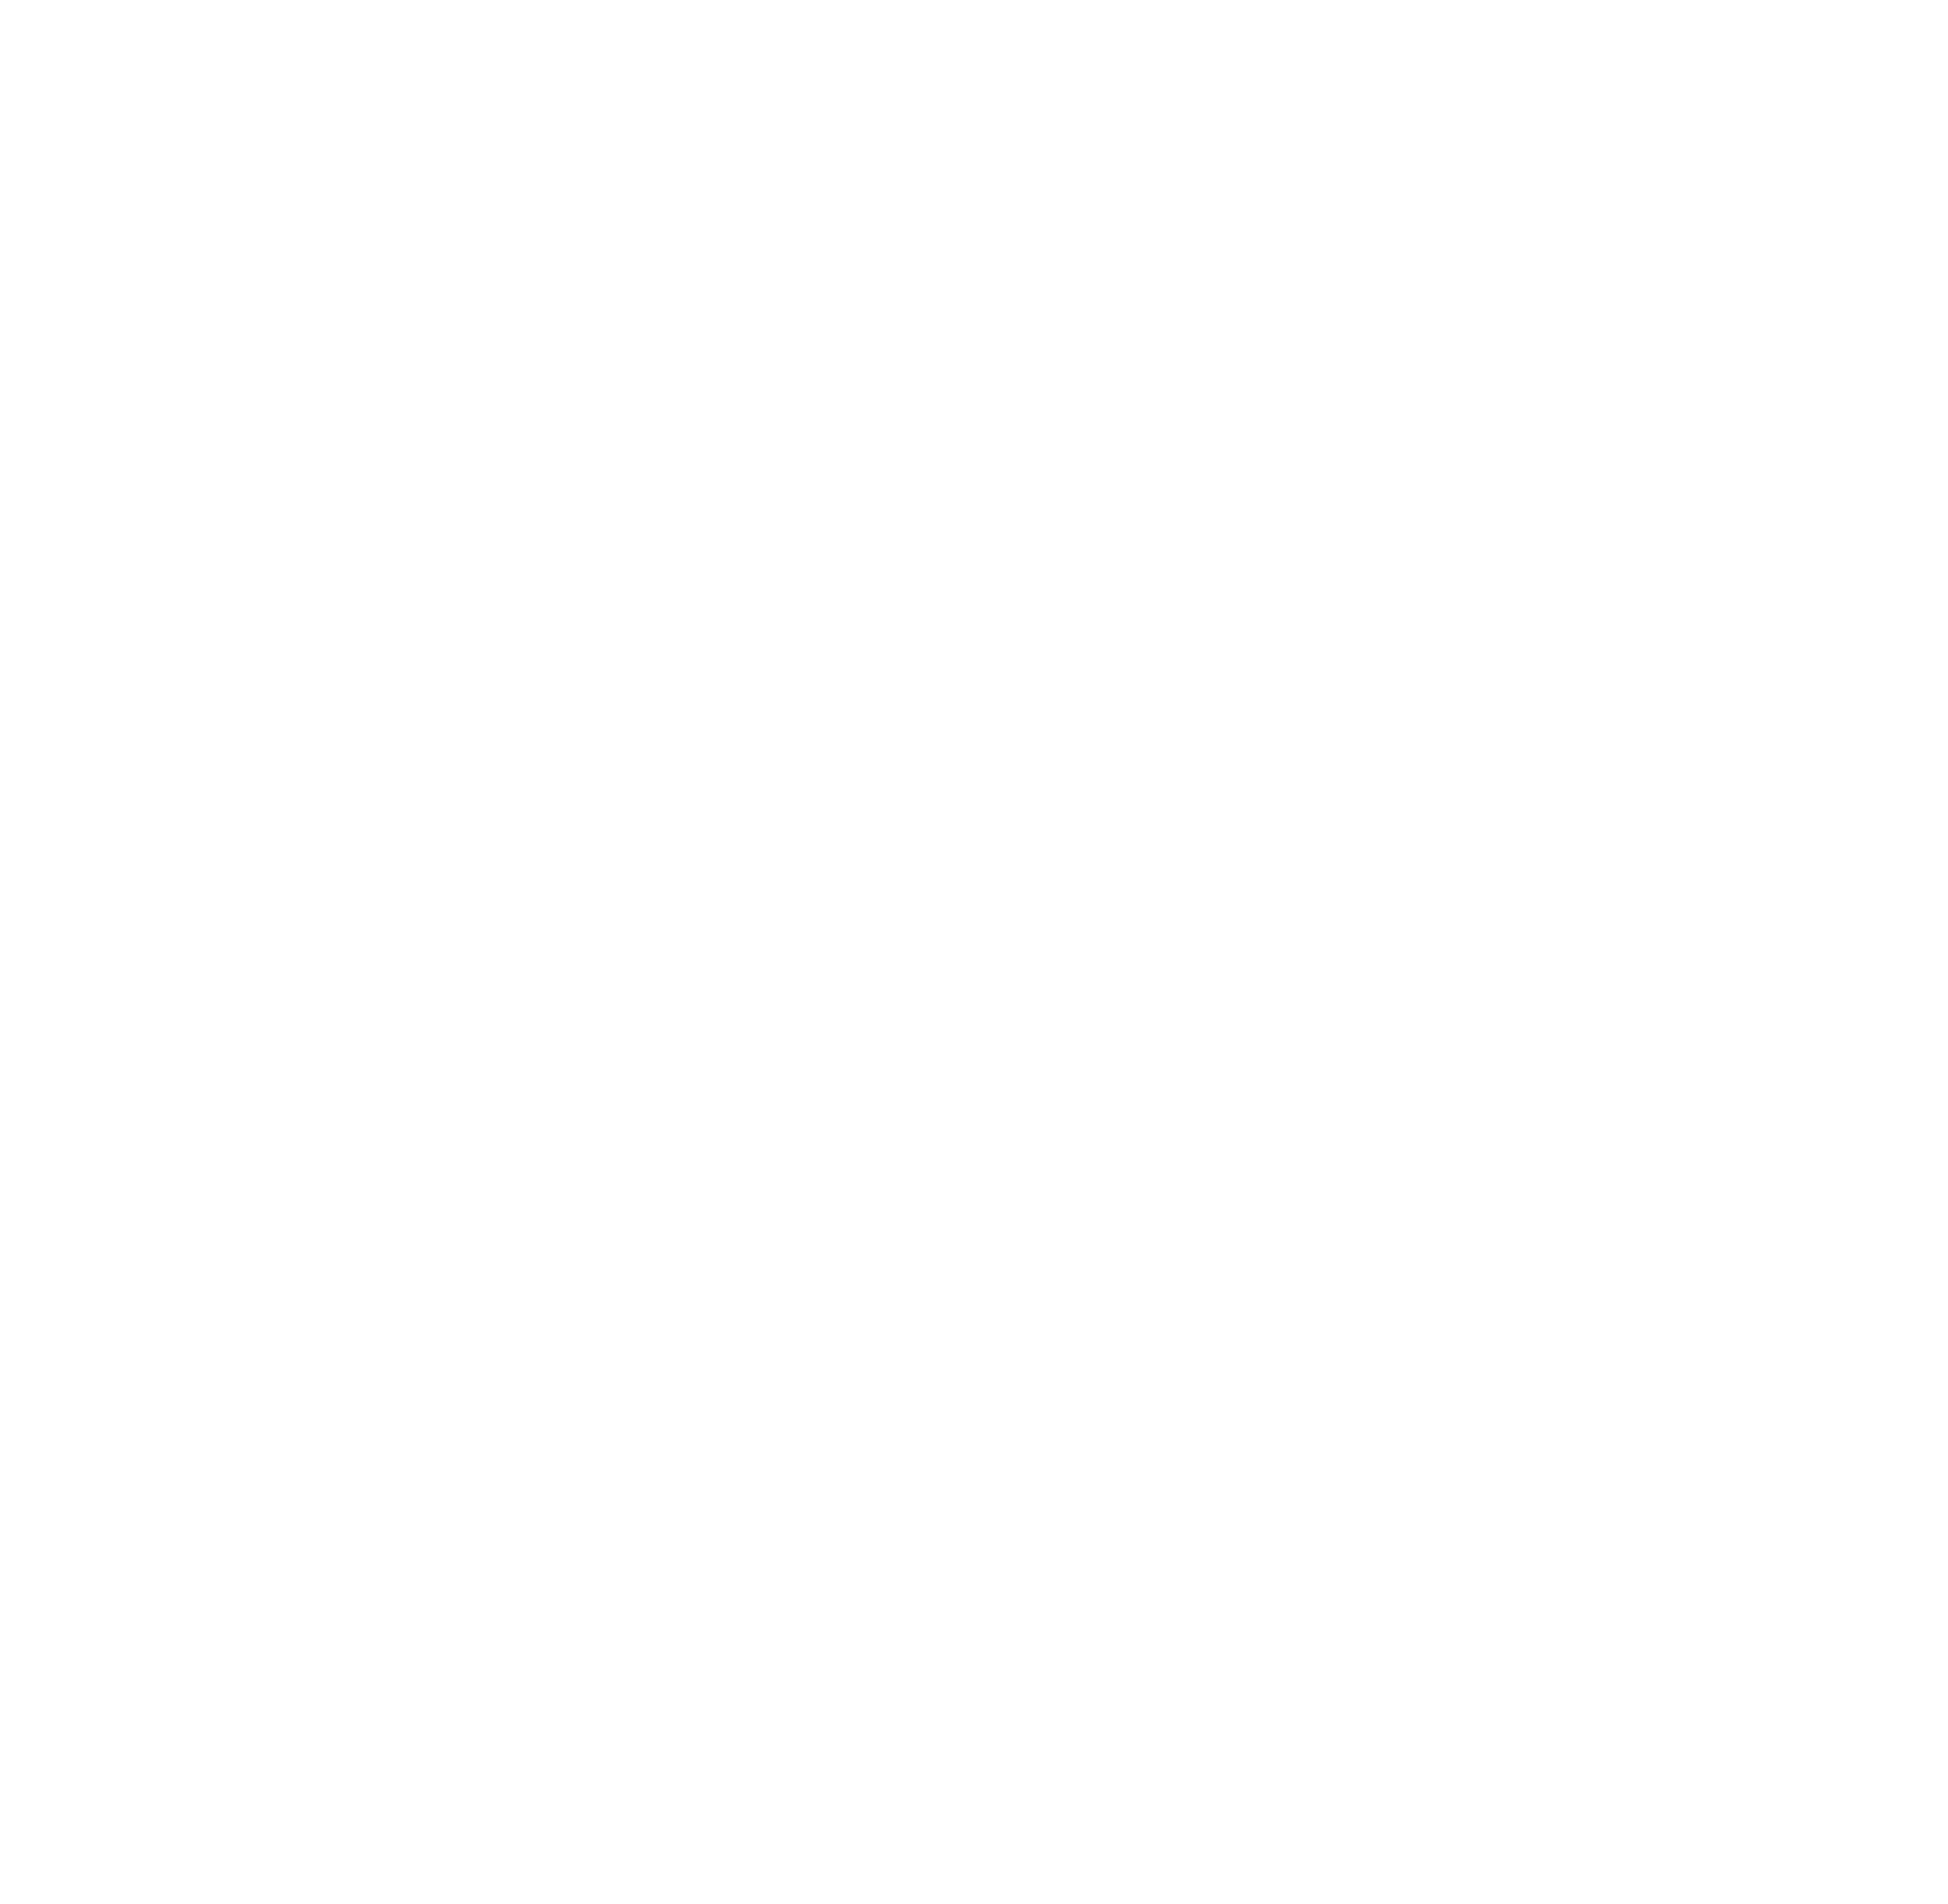 Marca Institucional Vertical-blanco